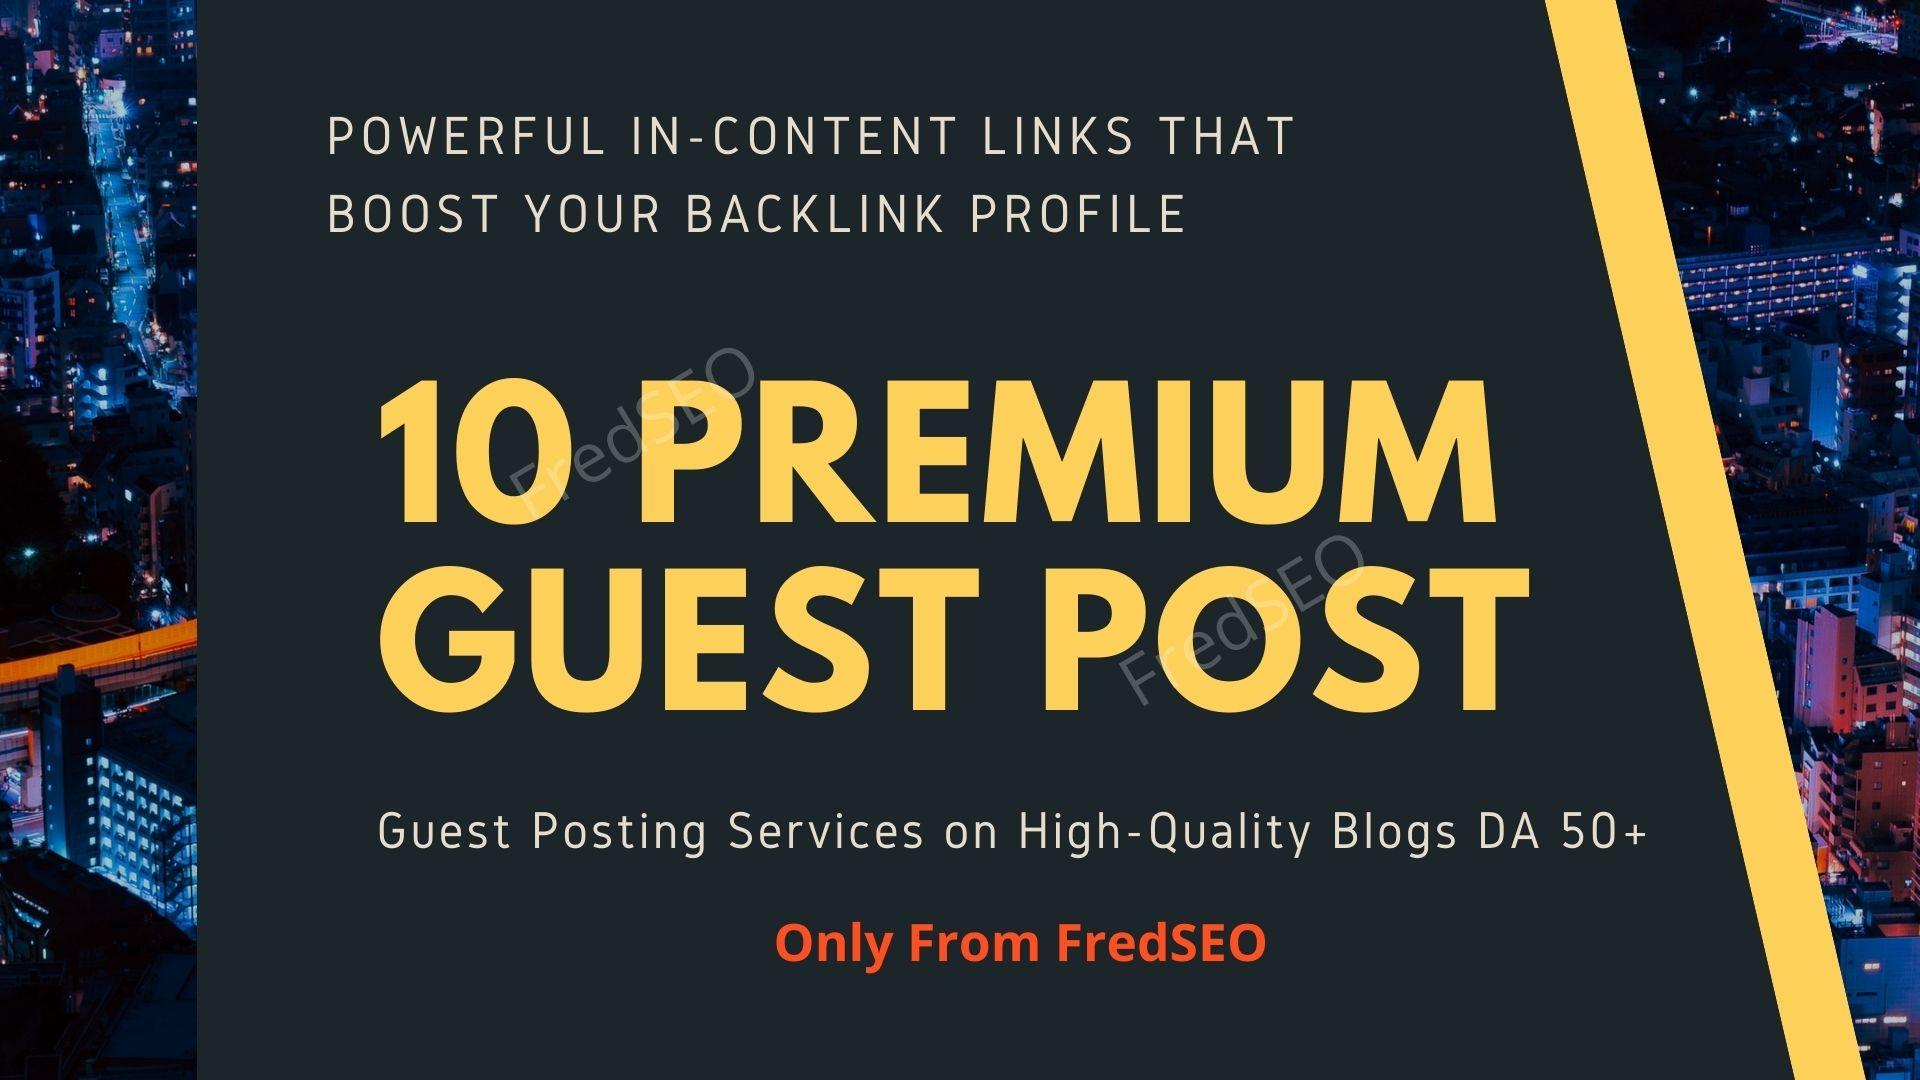 10 Premium Guest Post on DA50+ websites